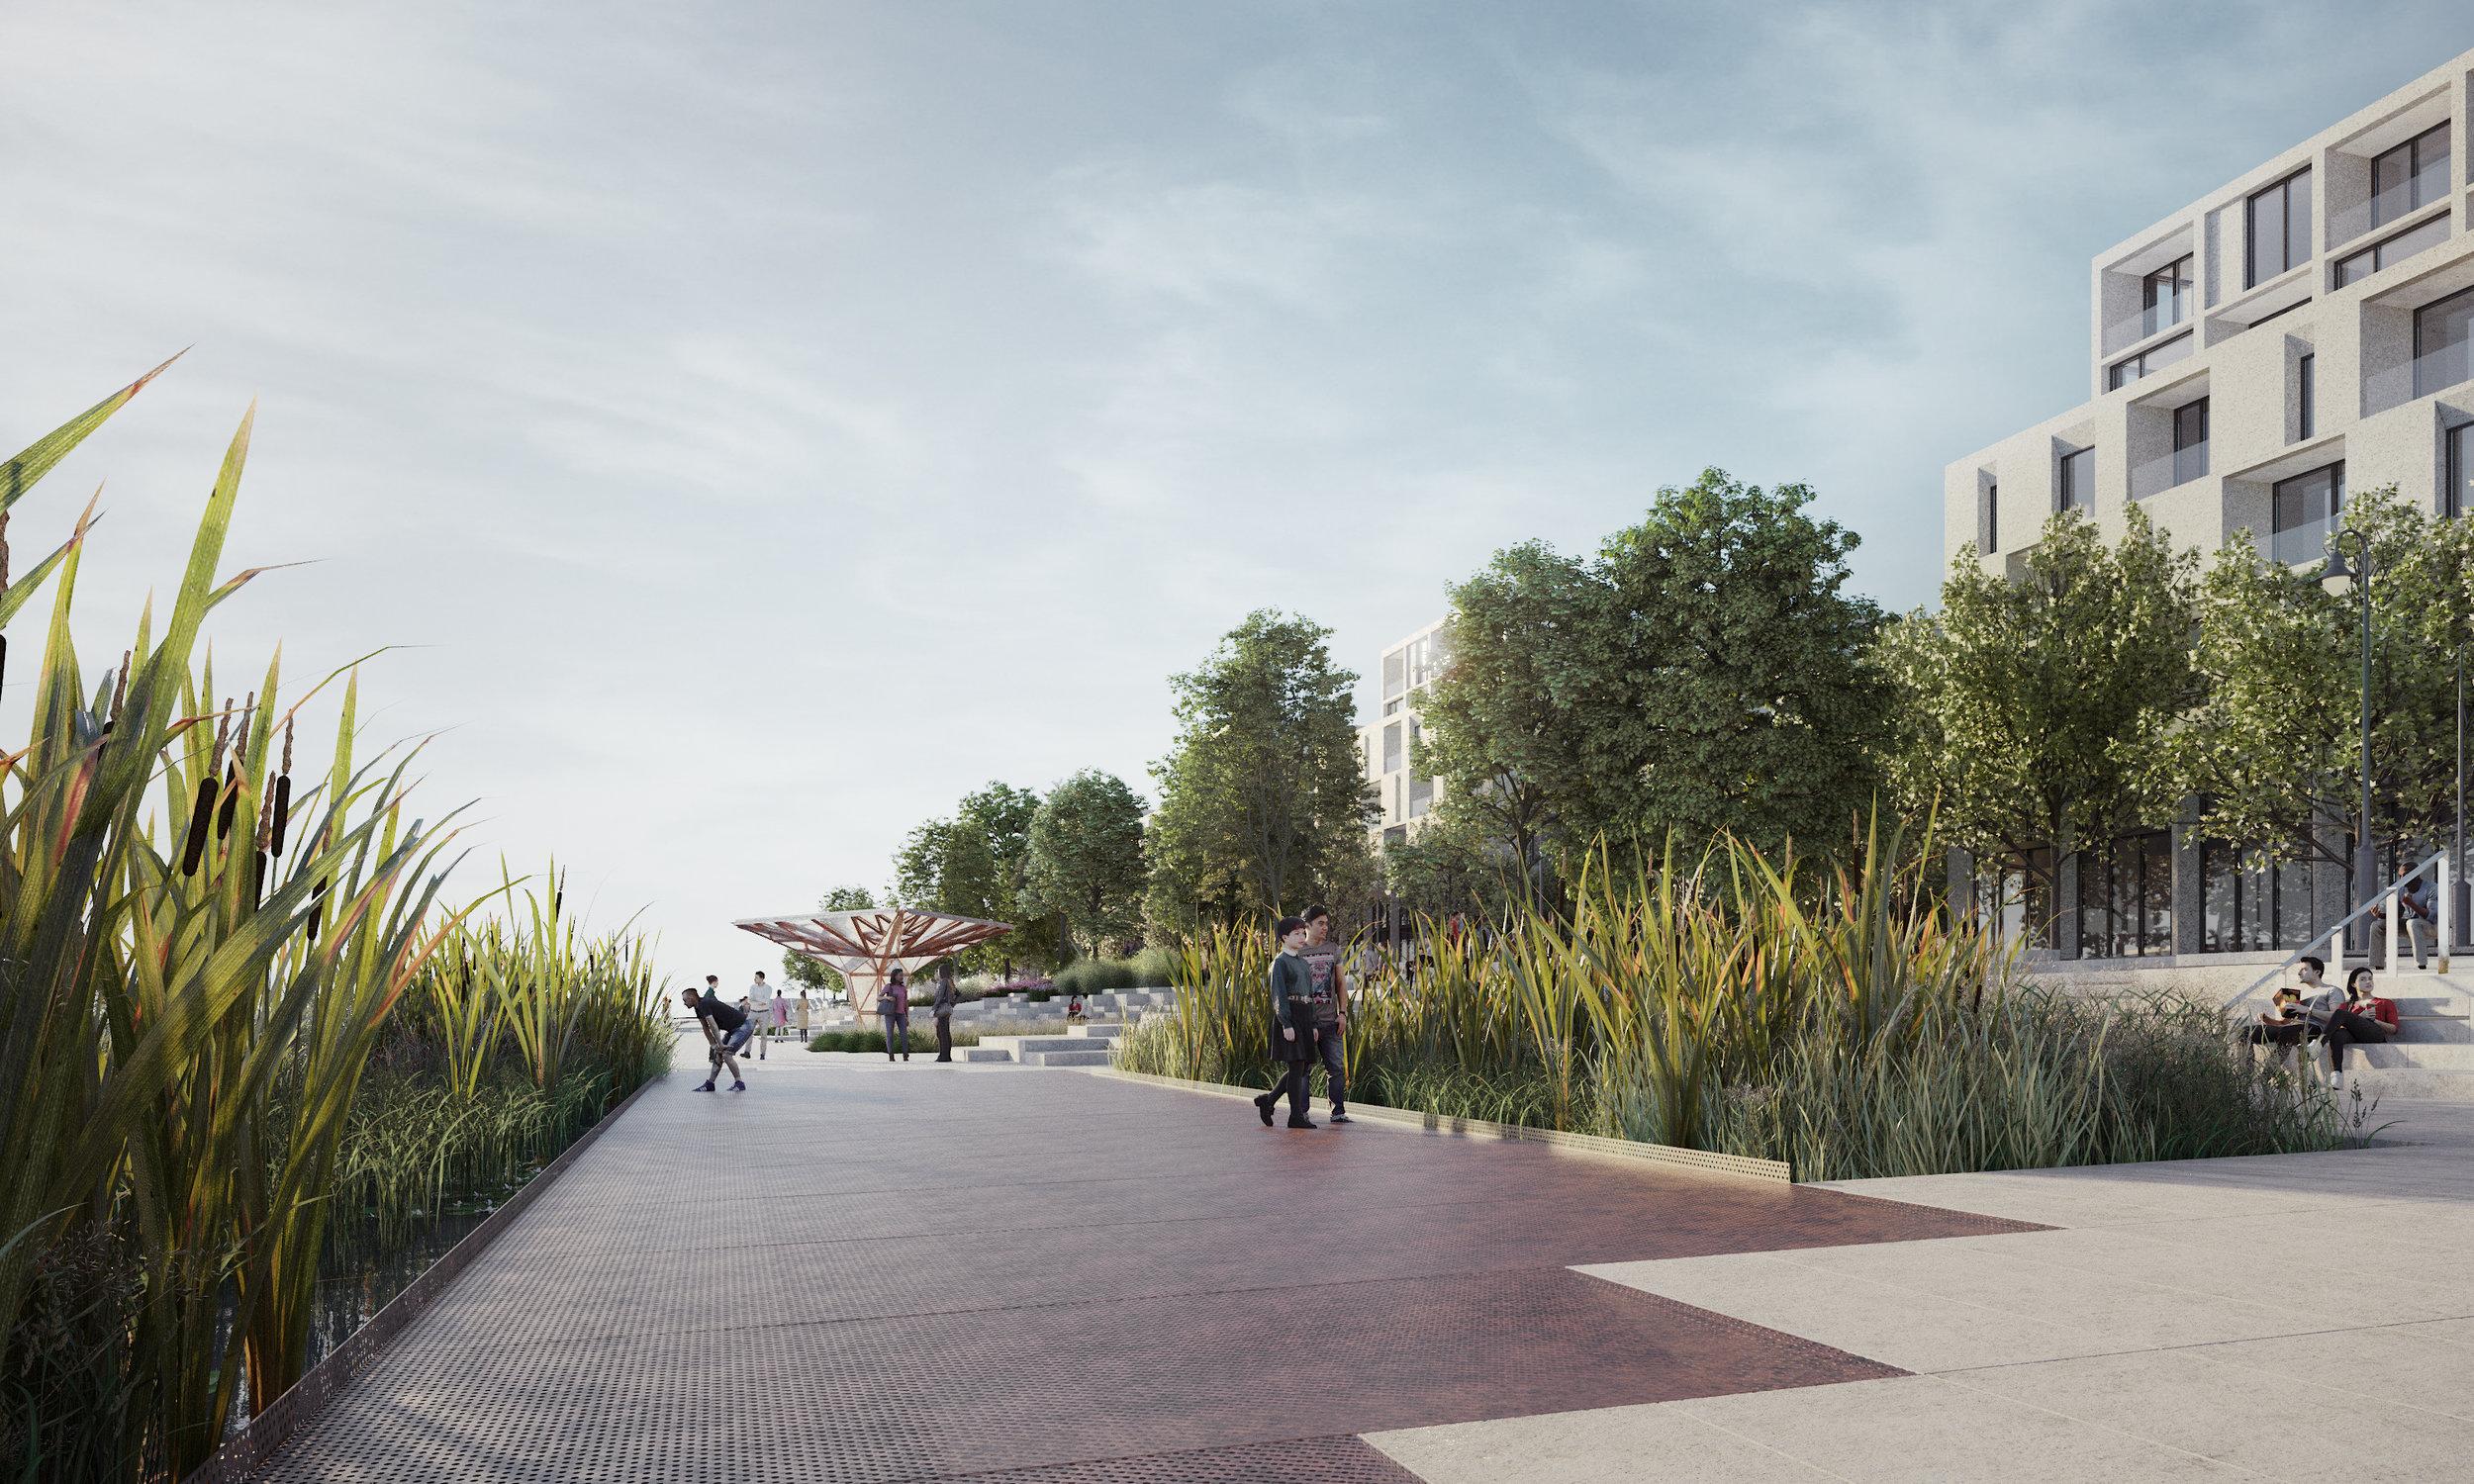 Pier 8 Promenade Park - Marsh - Eye level